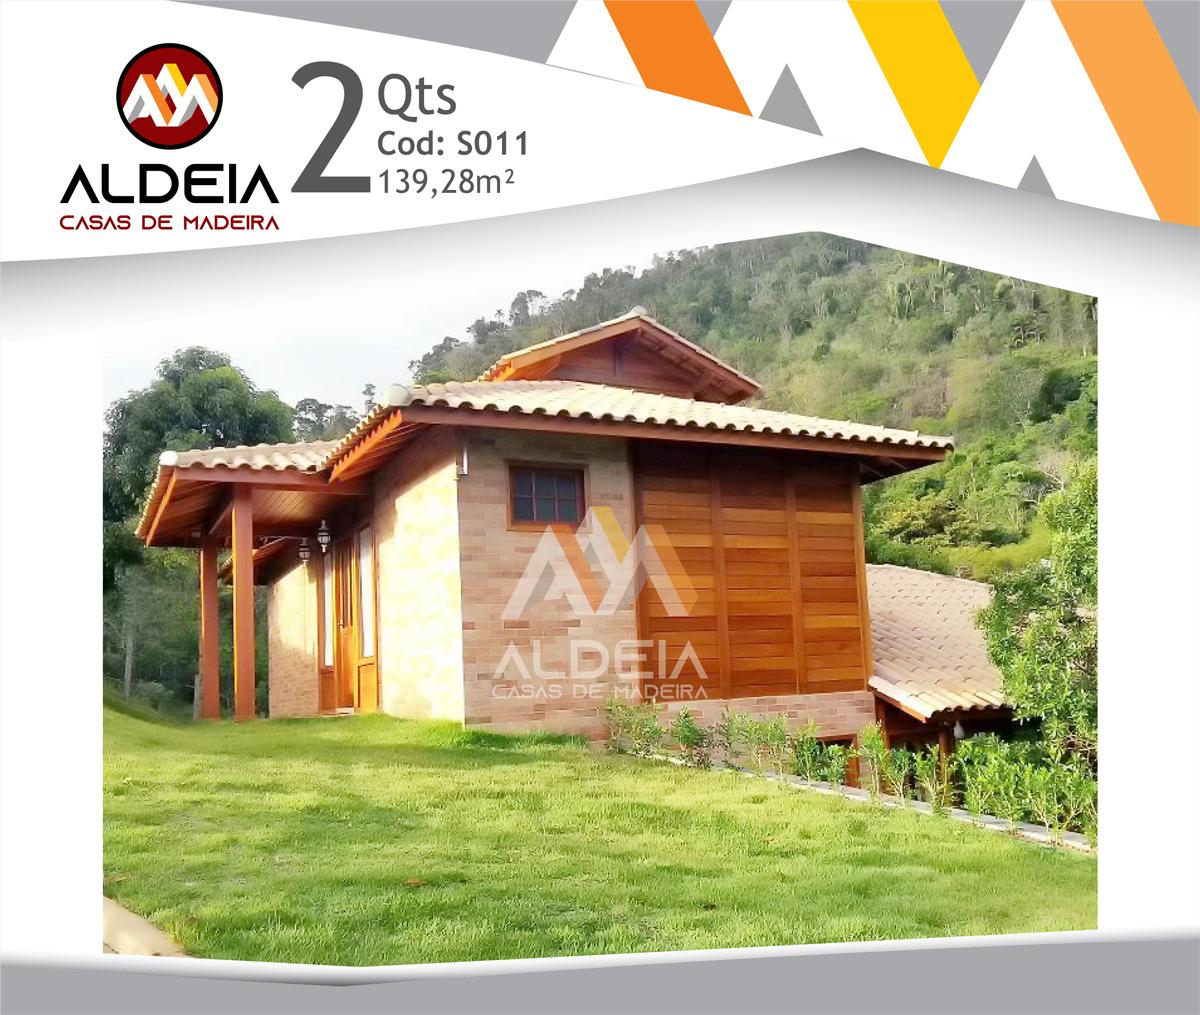 aldeia-casas-madeira-fachada-S011